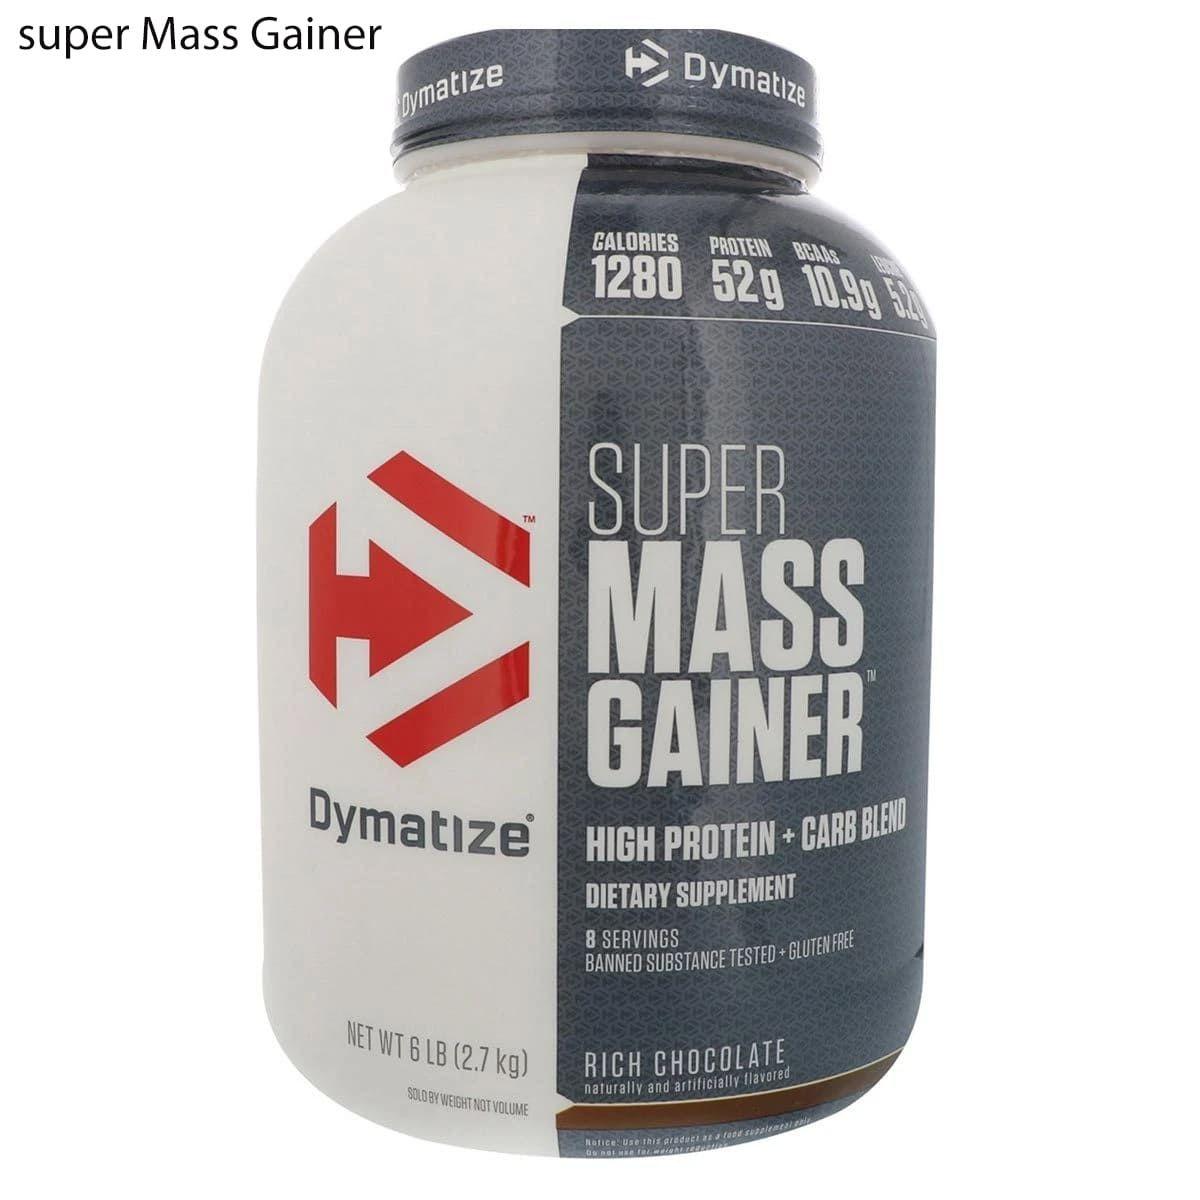 مكمل بروتين مصل سوبر ماس جينر Mass Gainer Creatine Monohydrate Creatine